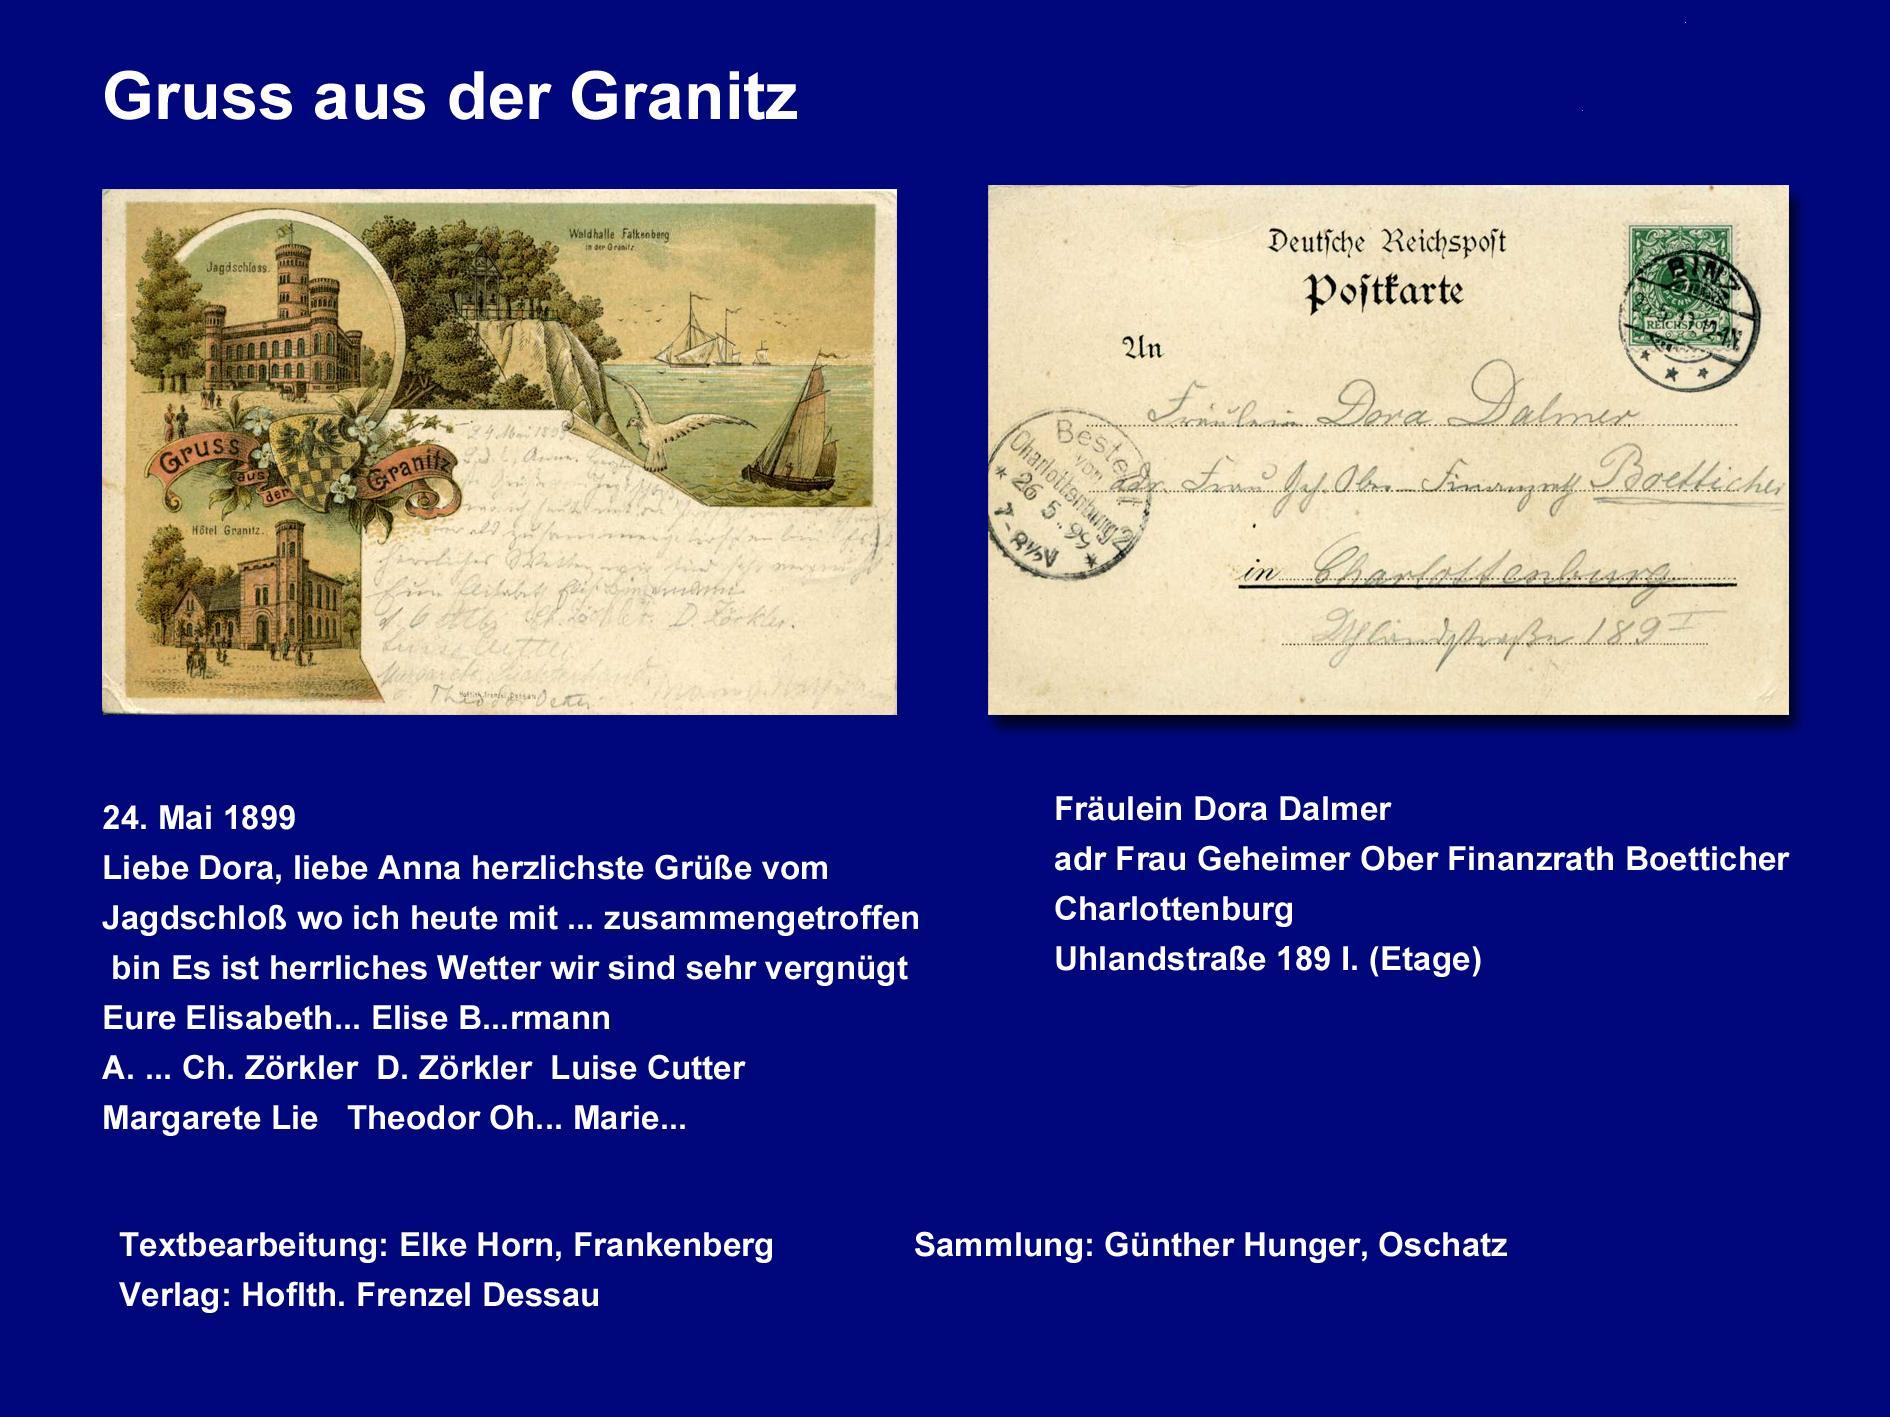 Gruss aus der Granitz 1899